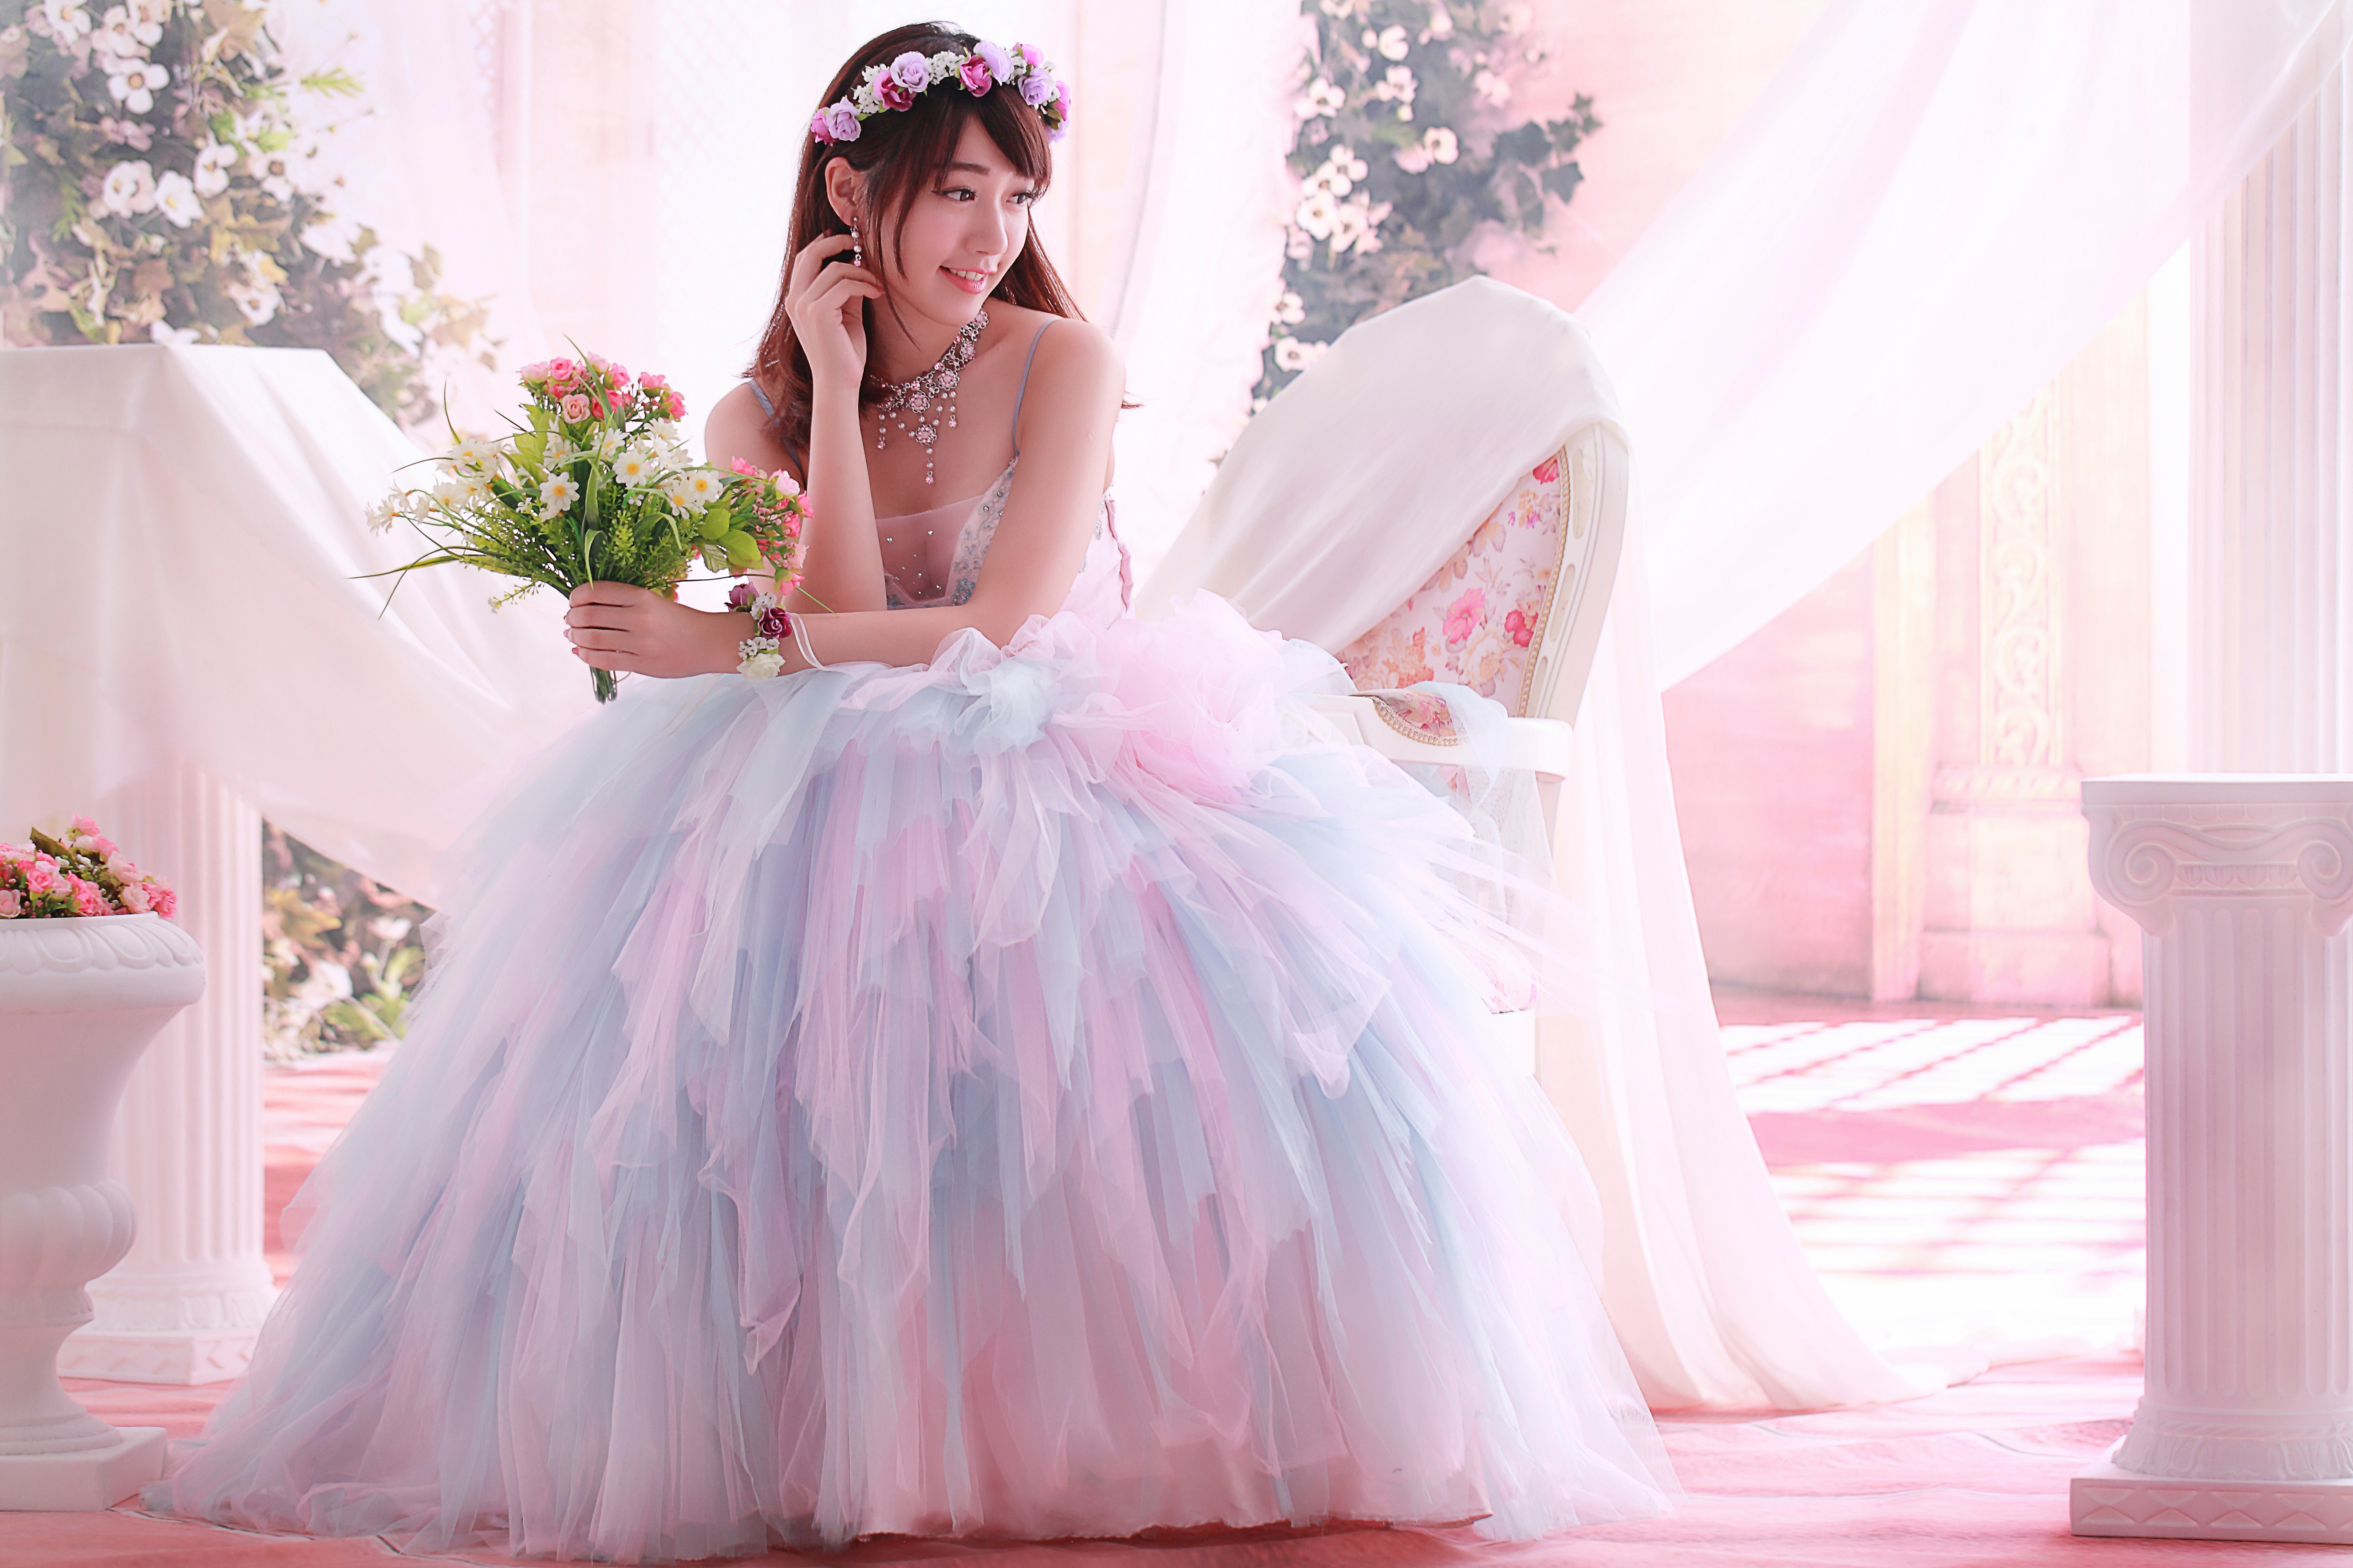 пишут, фотосессия в свадебных нарядах маяков позволяет ровно